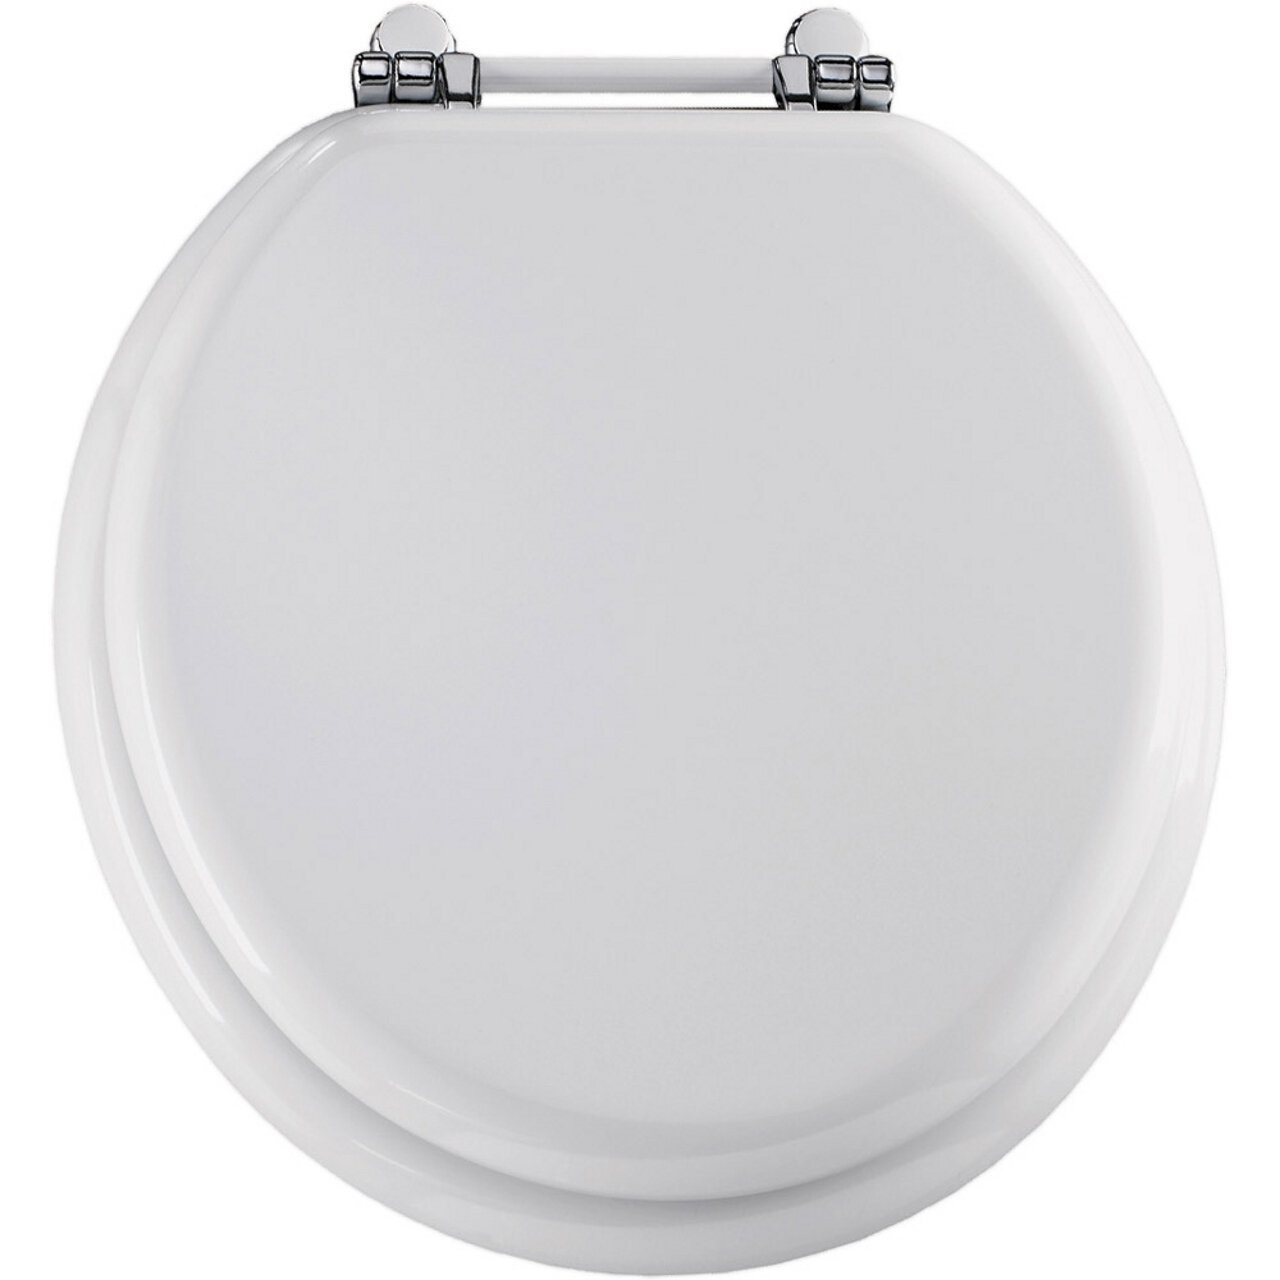 wooden white toilet seat.  ROUND WOOD NICKEL TOILET SEAT